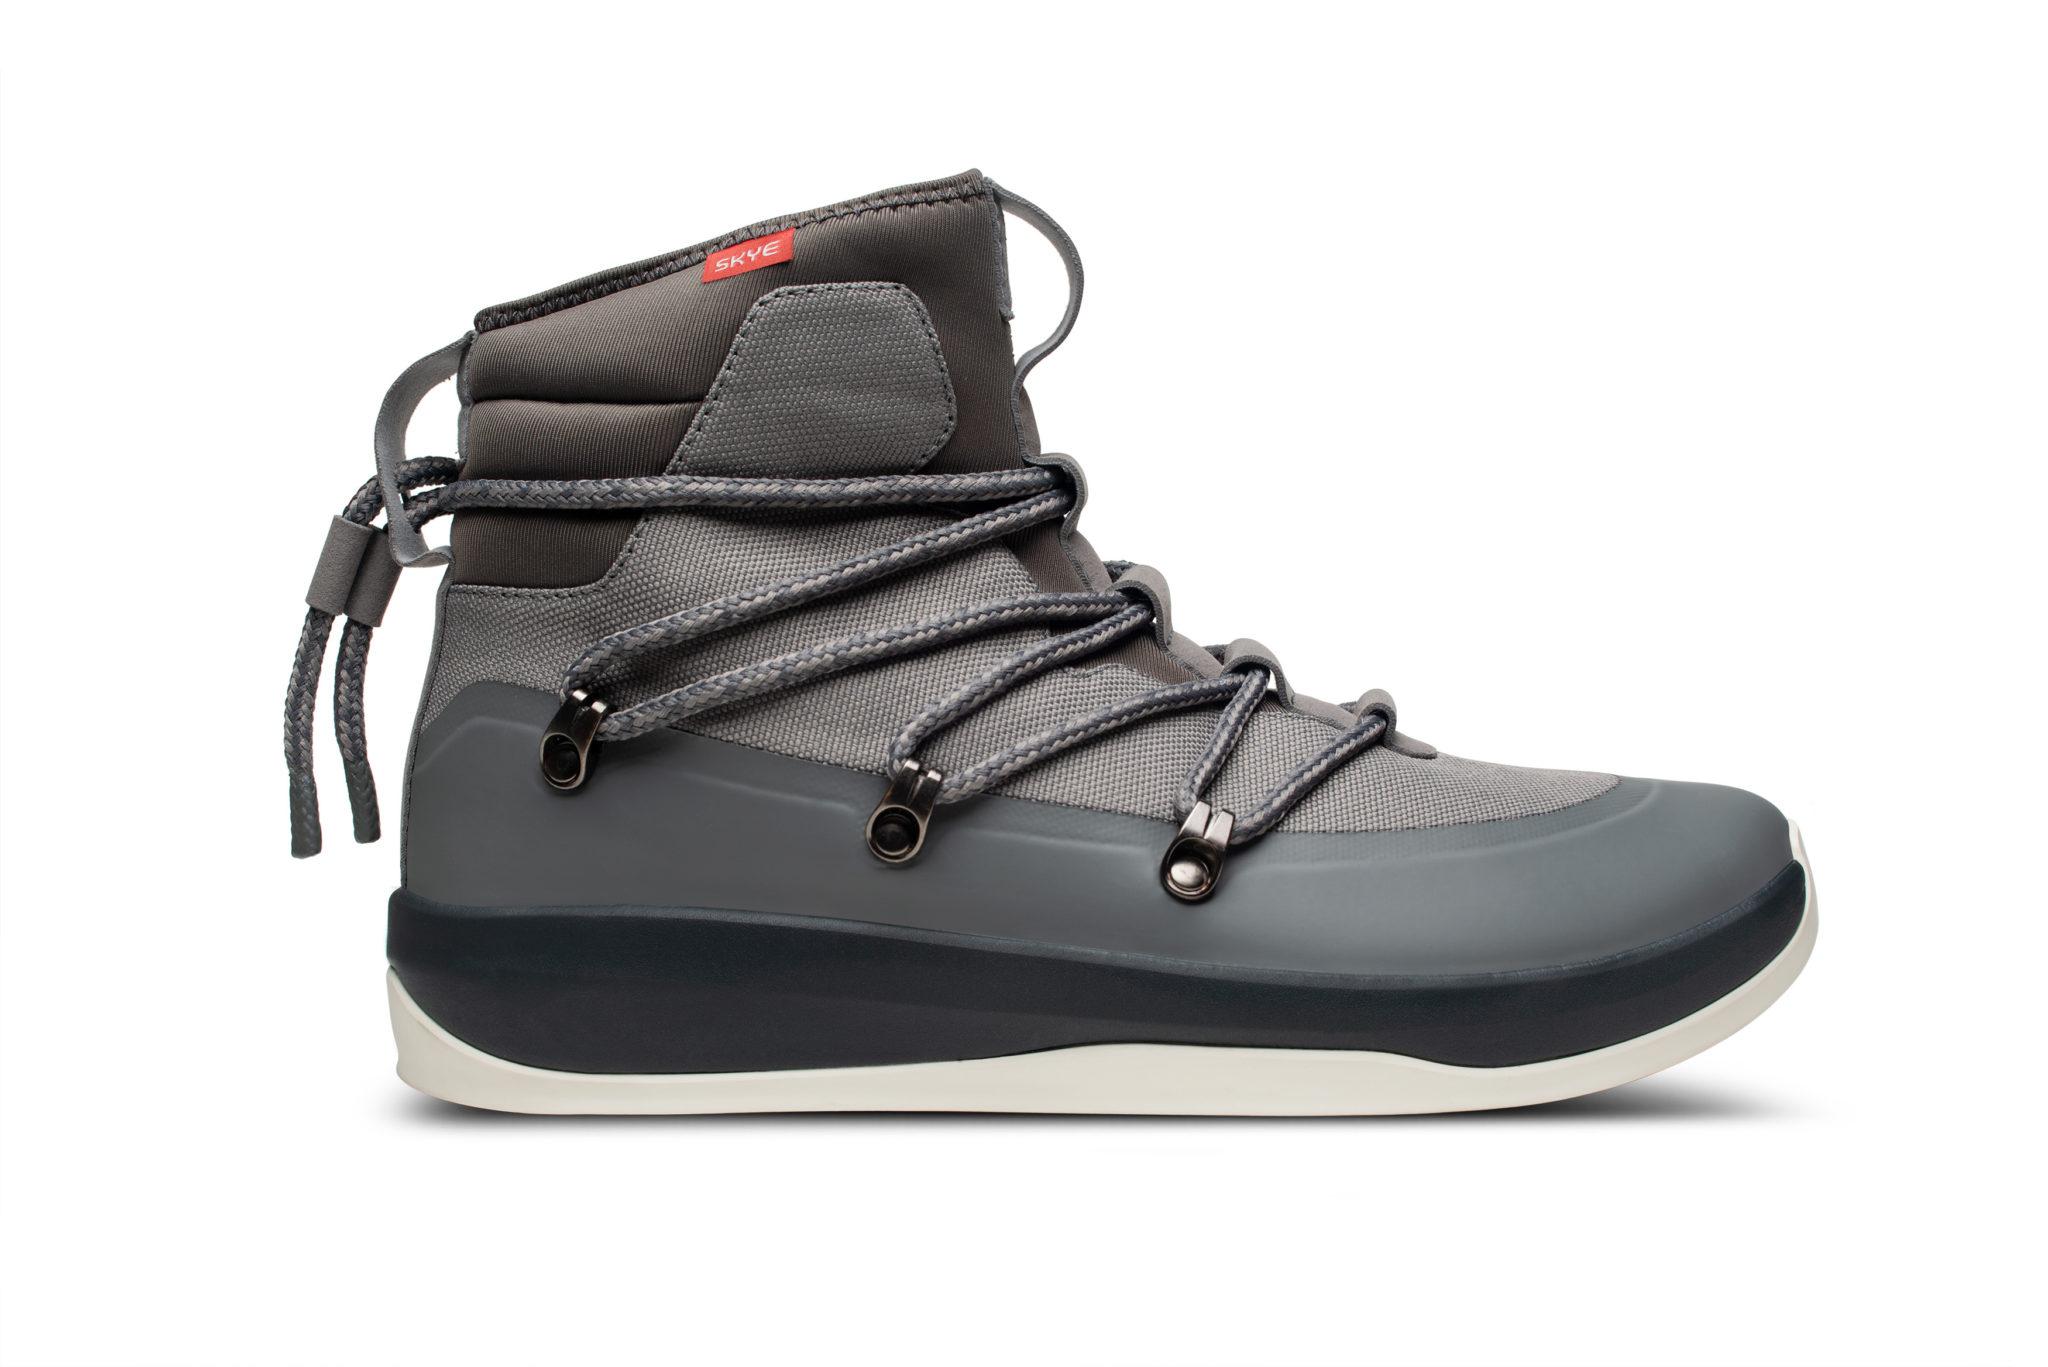 SKYE Footwear: Introducing the Ultimate